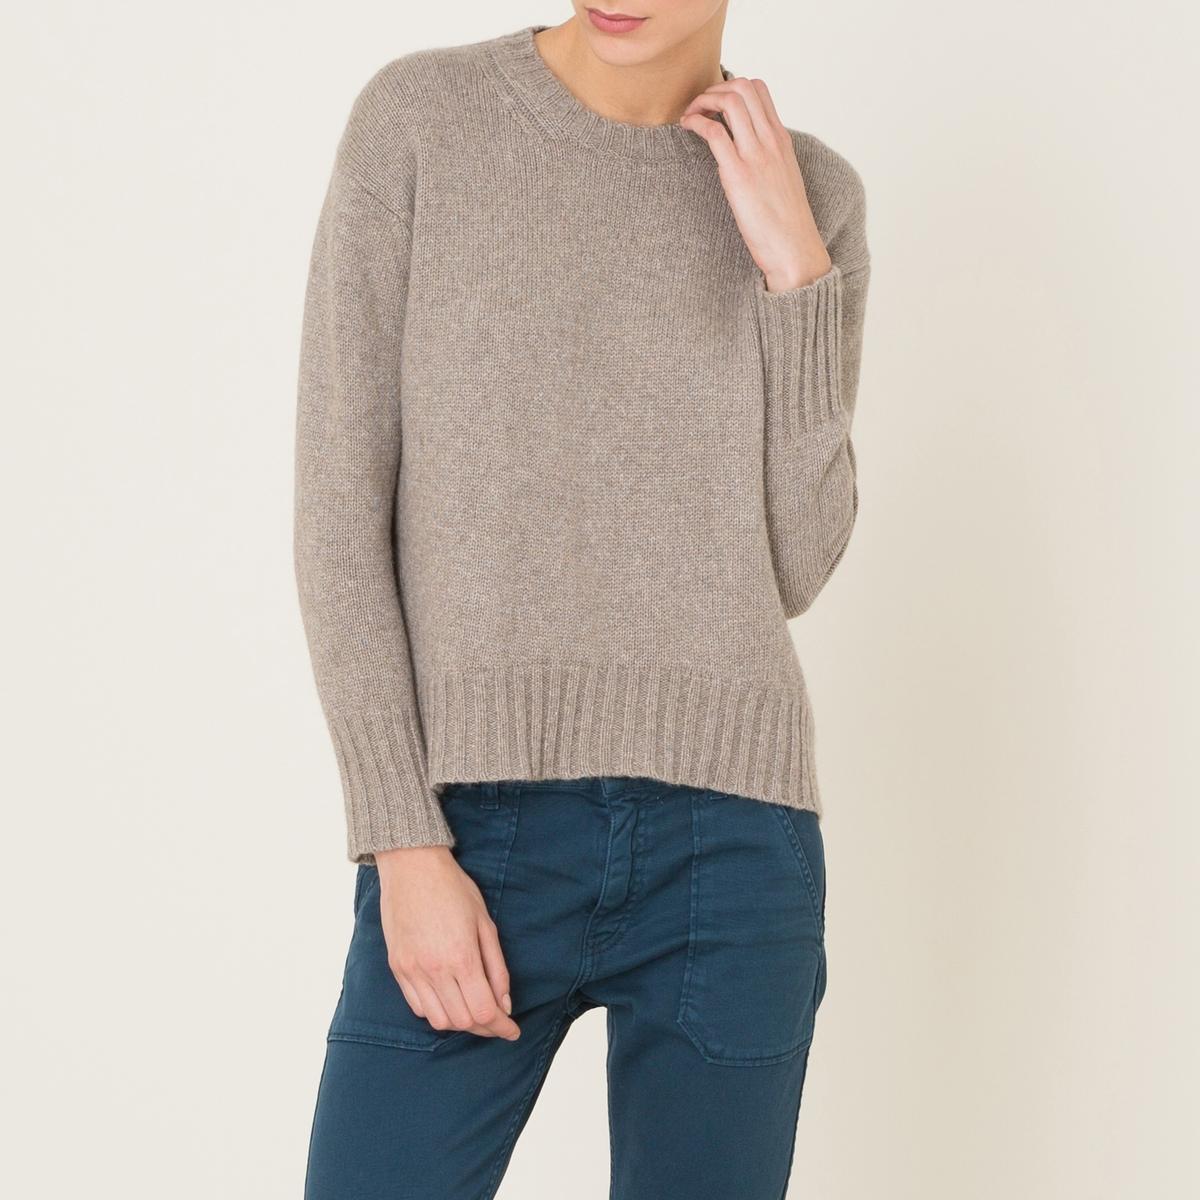 Пуловер с круглым вырезомСостав и описание    Материал : 50% альпаки, 25% шелка, 25% кашемира   Марка : POMANDERE<br><br>Цвет: бежевый